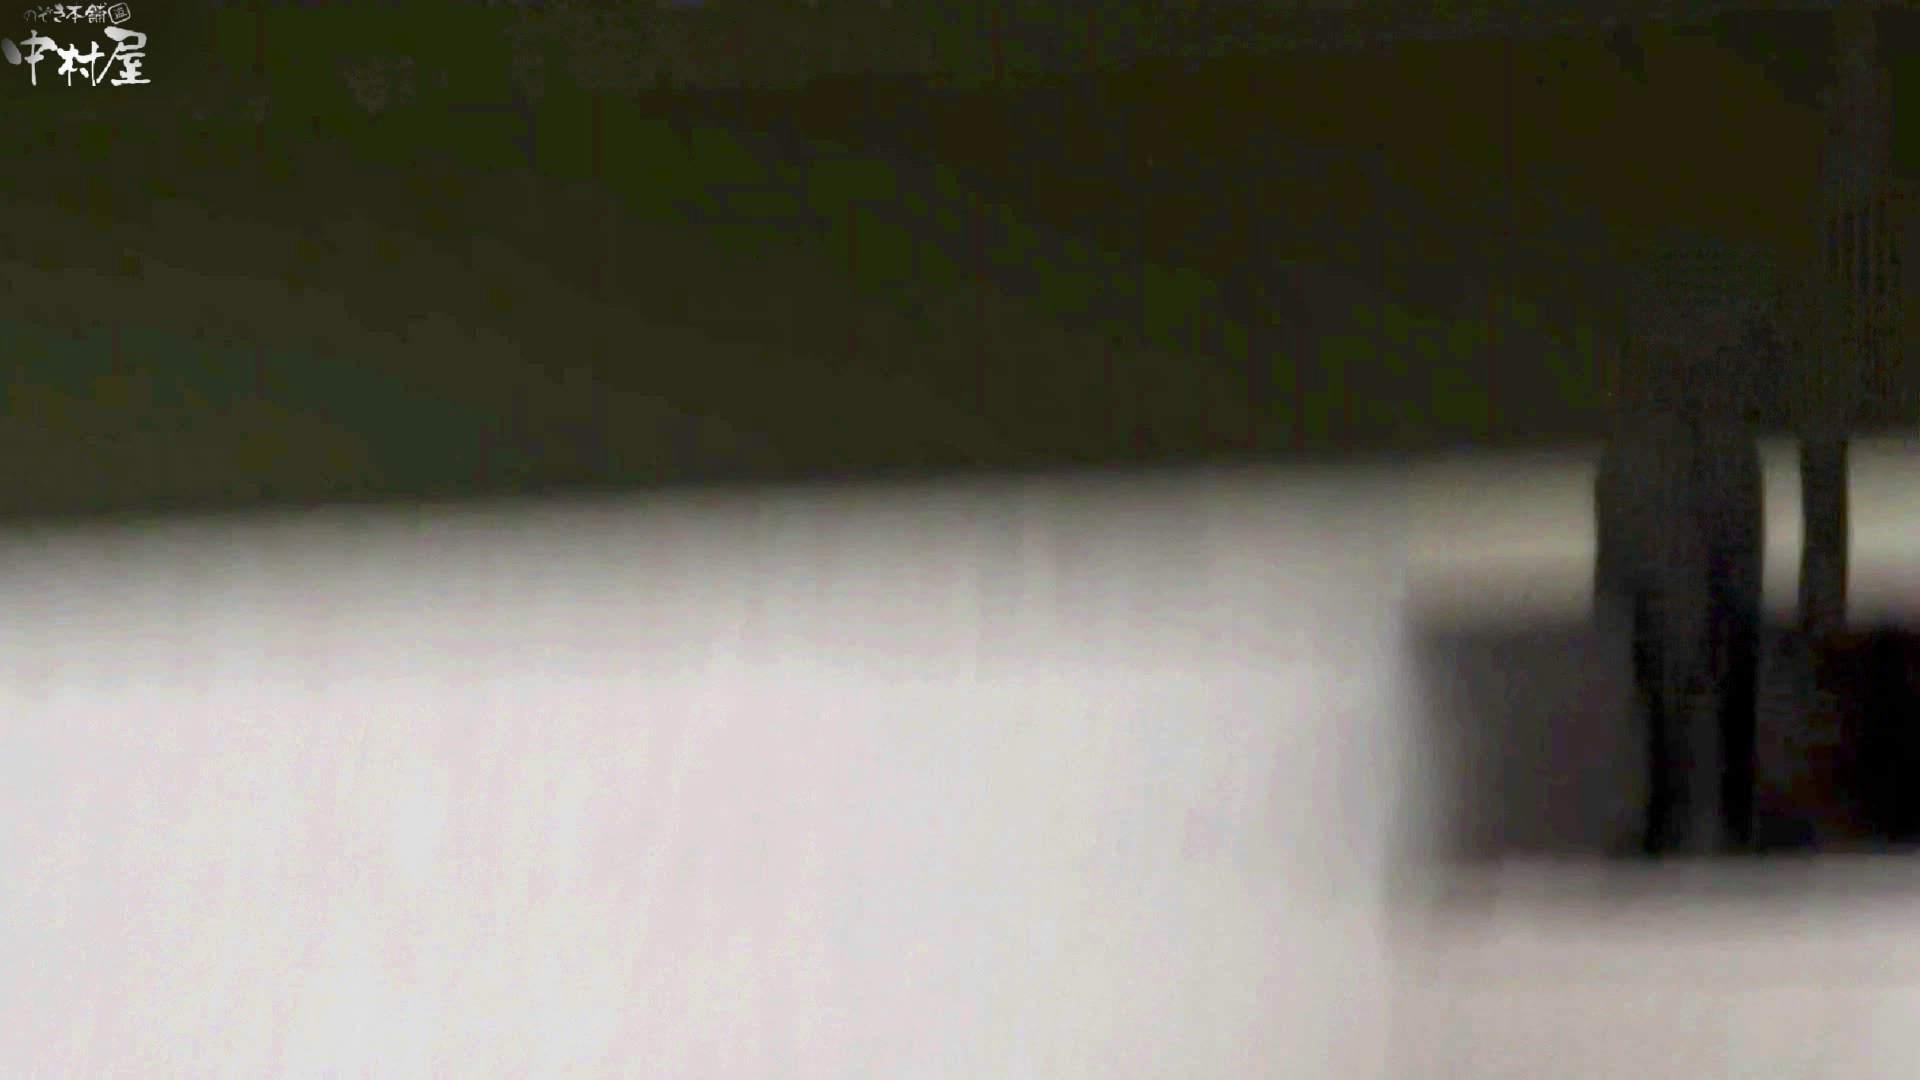 お市さんの「お尻丸出しジャンボリー」No.11 排泄隠し撮り ワレメ無修正動画無料 103pic 40